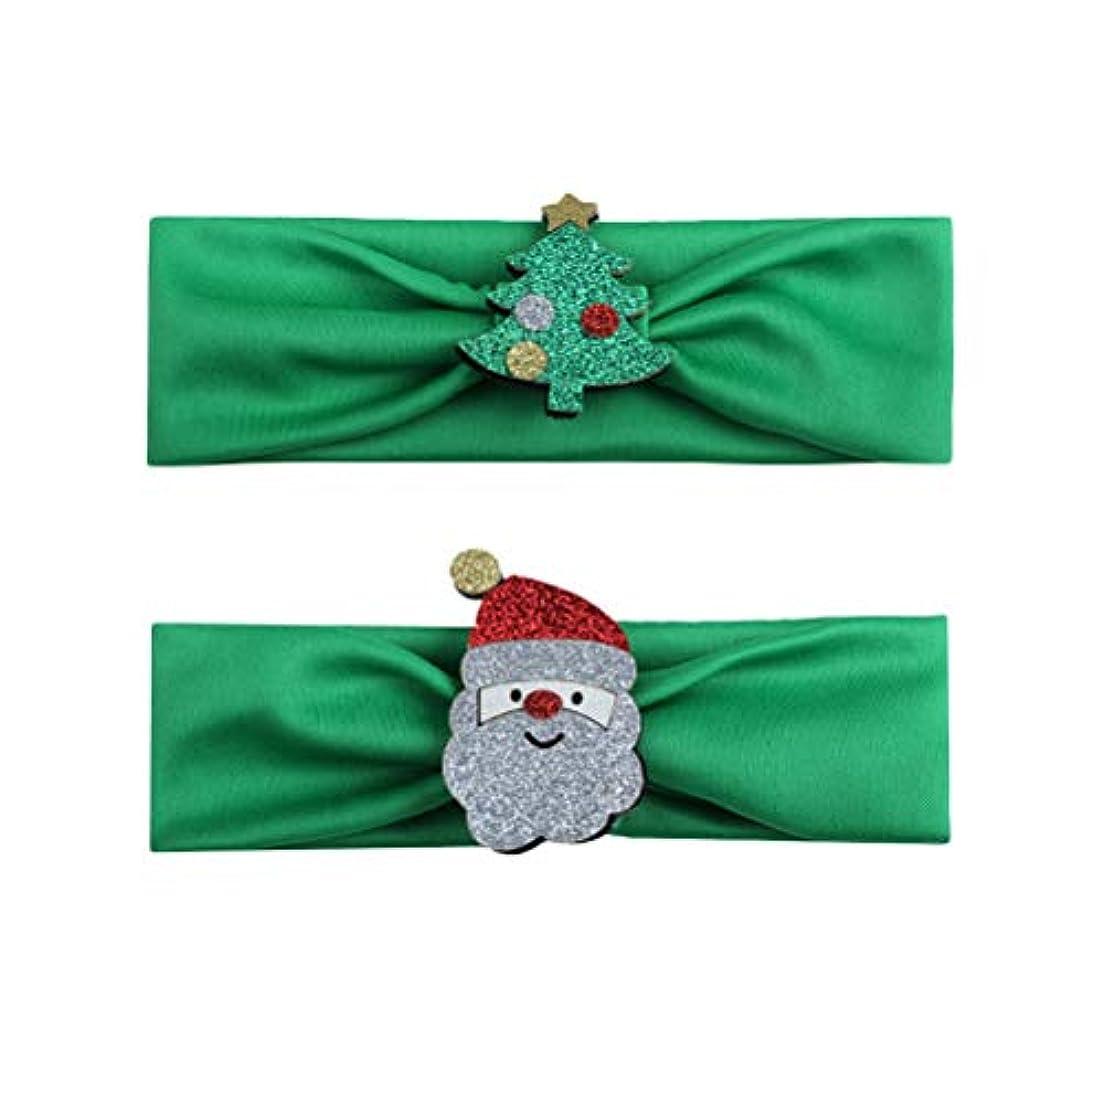 団結するグラフ衛星BESTOYARD 2本の赤ちゃんの少女クリスマスのヘッドバンド、クリスマスツリーサンタクロースの幼児ヘアバンドアクセサリー(グリーン)